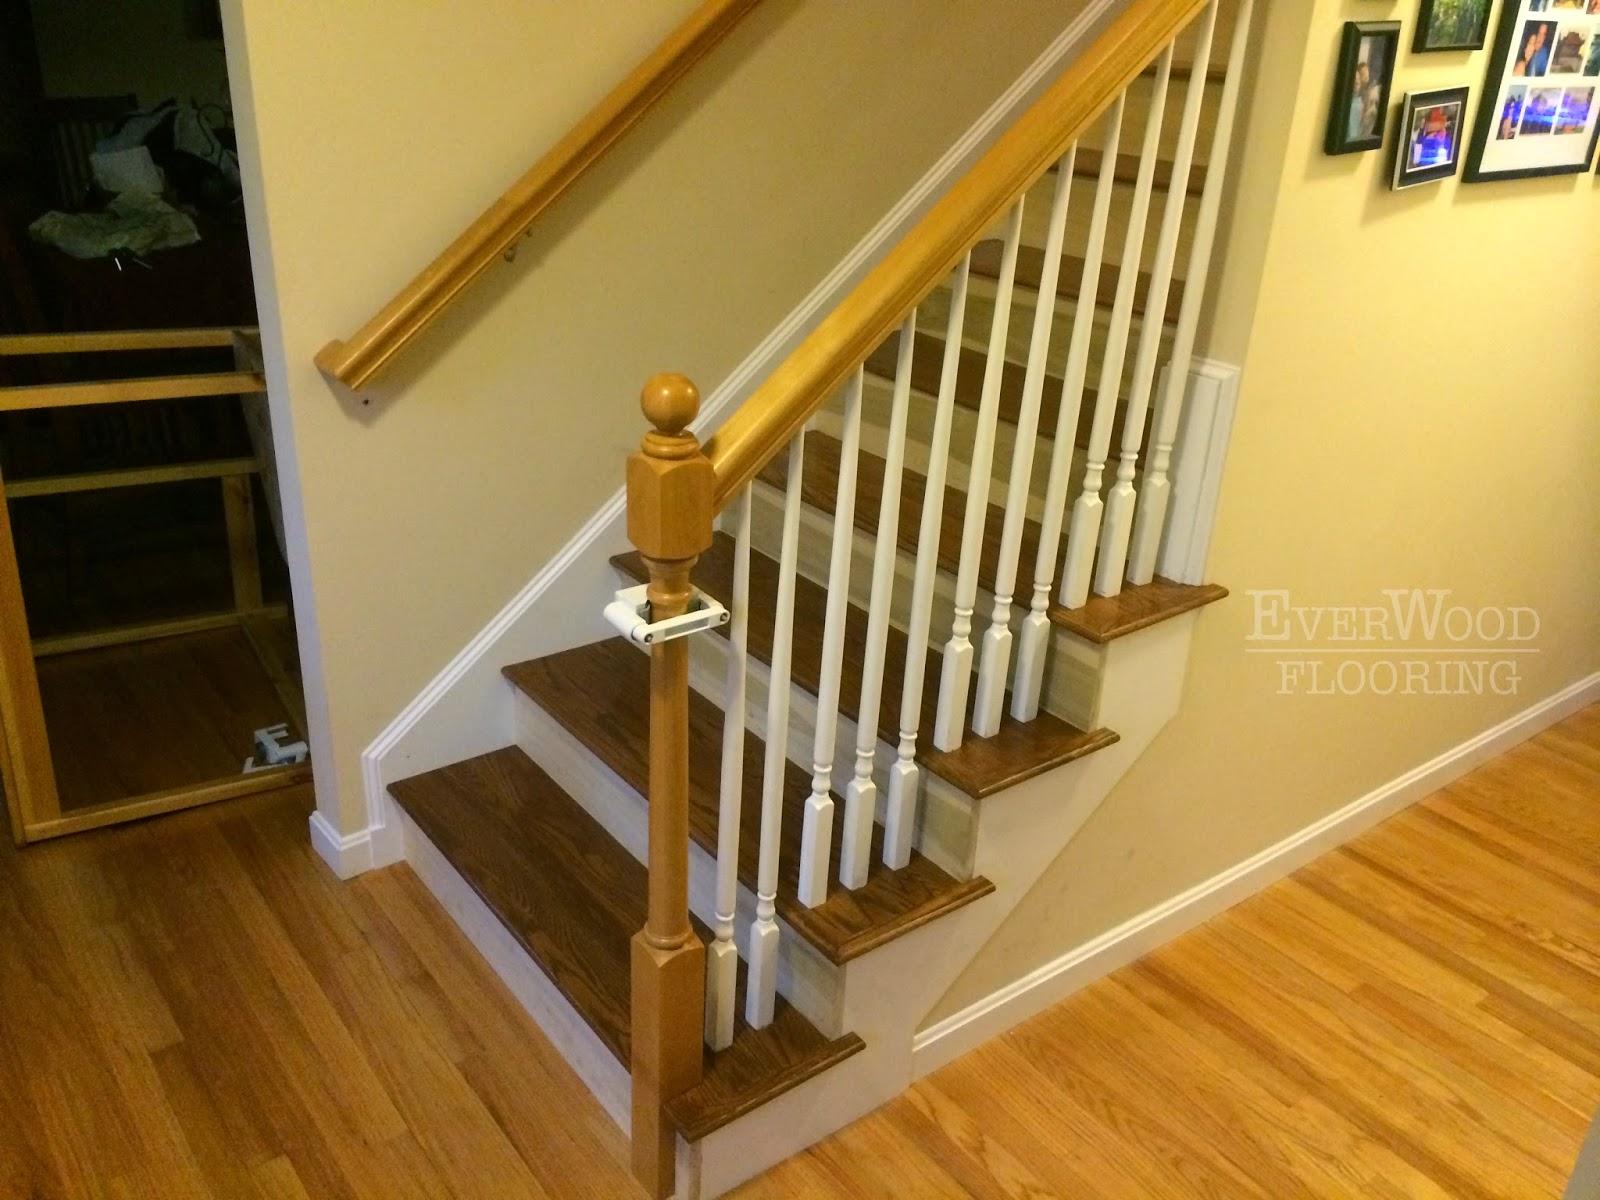 Everwood Flooring Project Profiles Prefinished Oak   Custom Oak Stair Treads